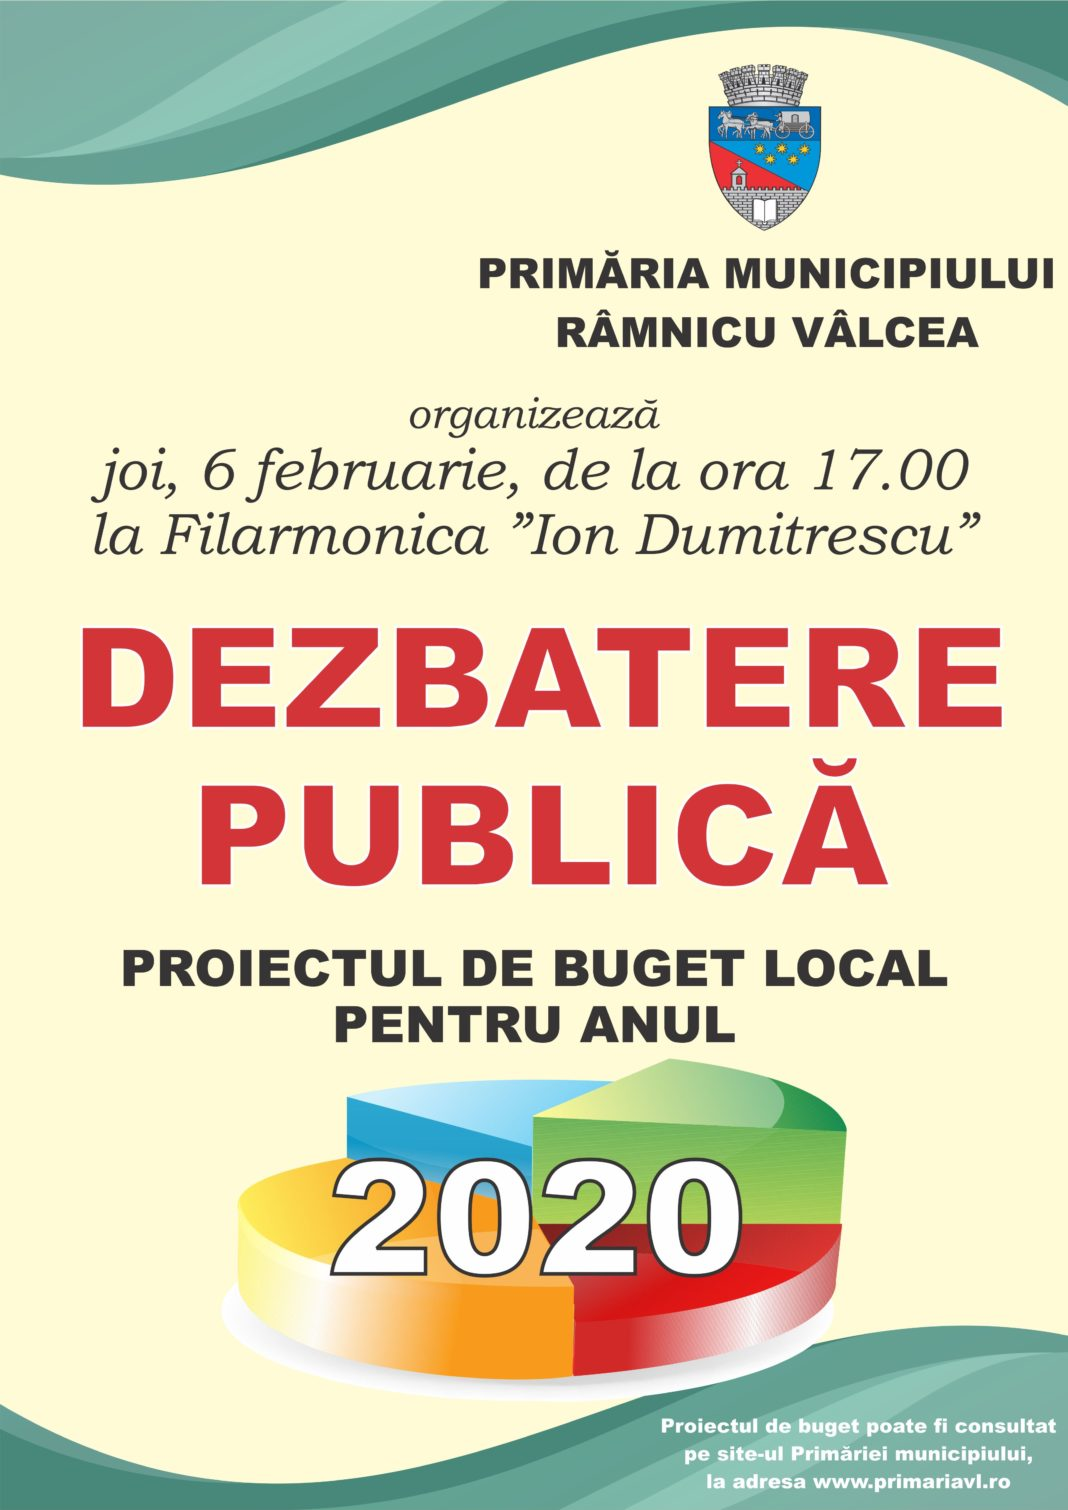 Dezbaterea publică a proiectului de buget local pe anul 2020